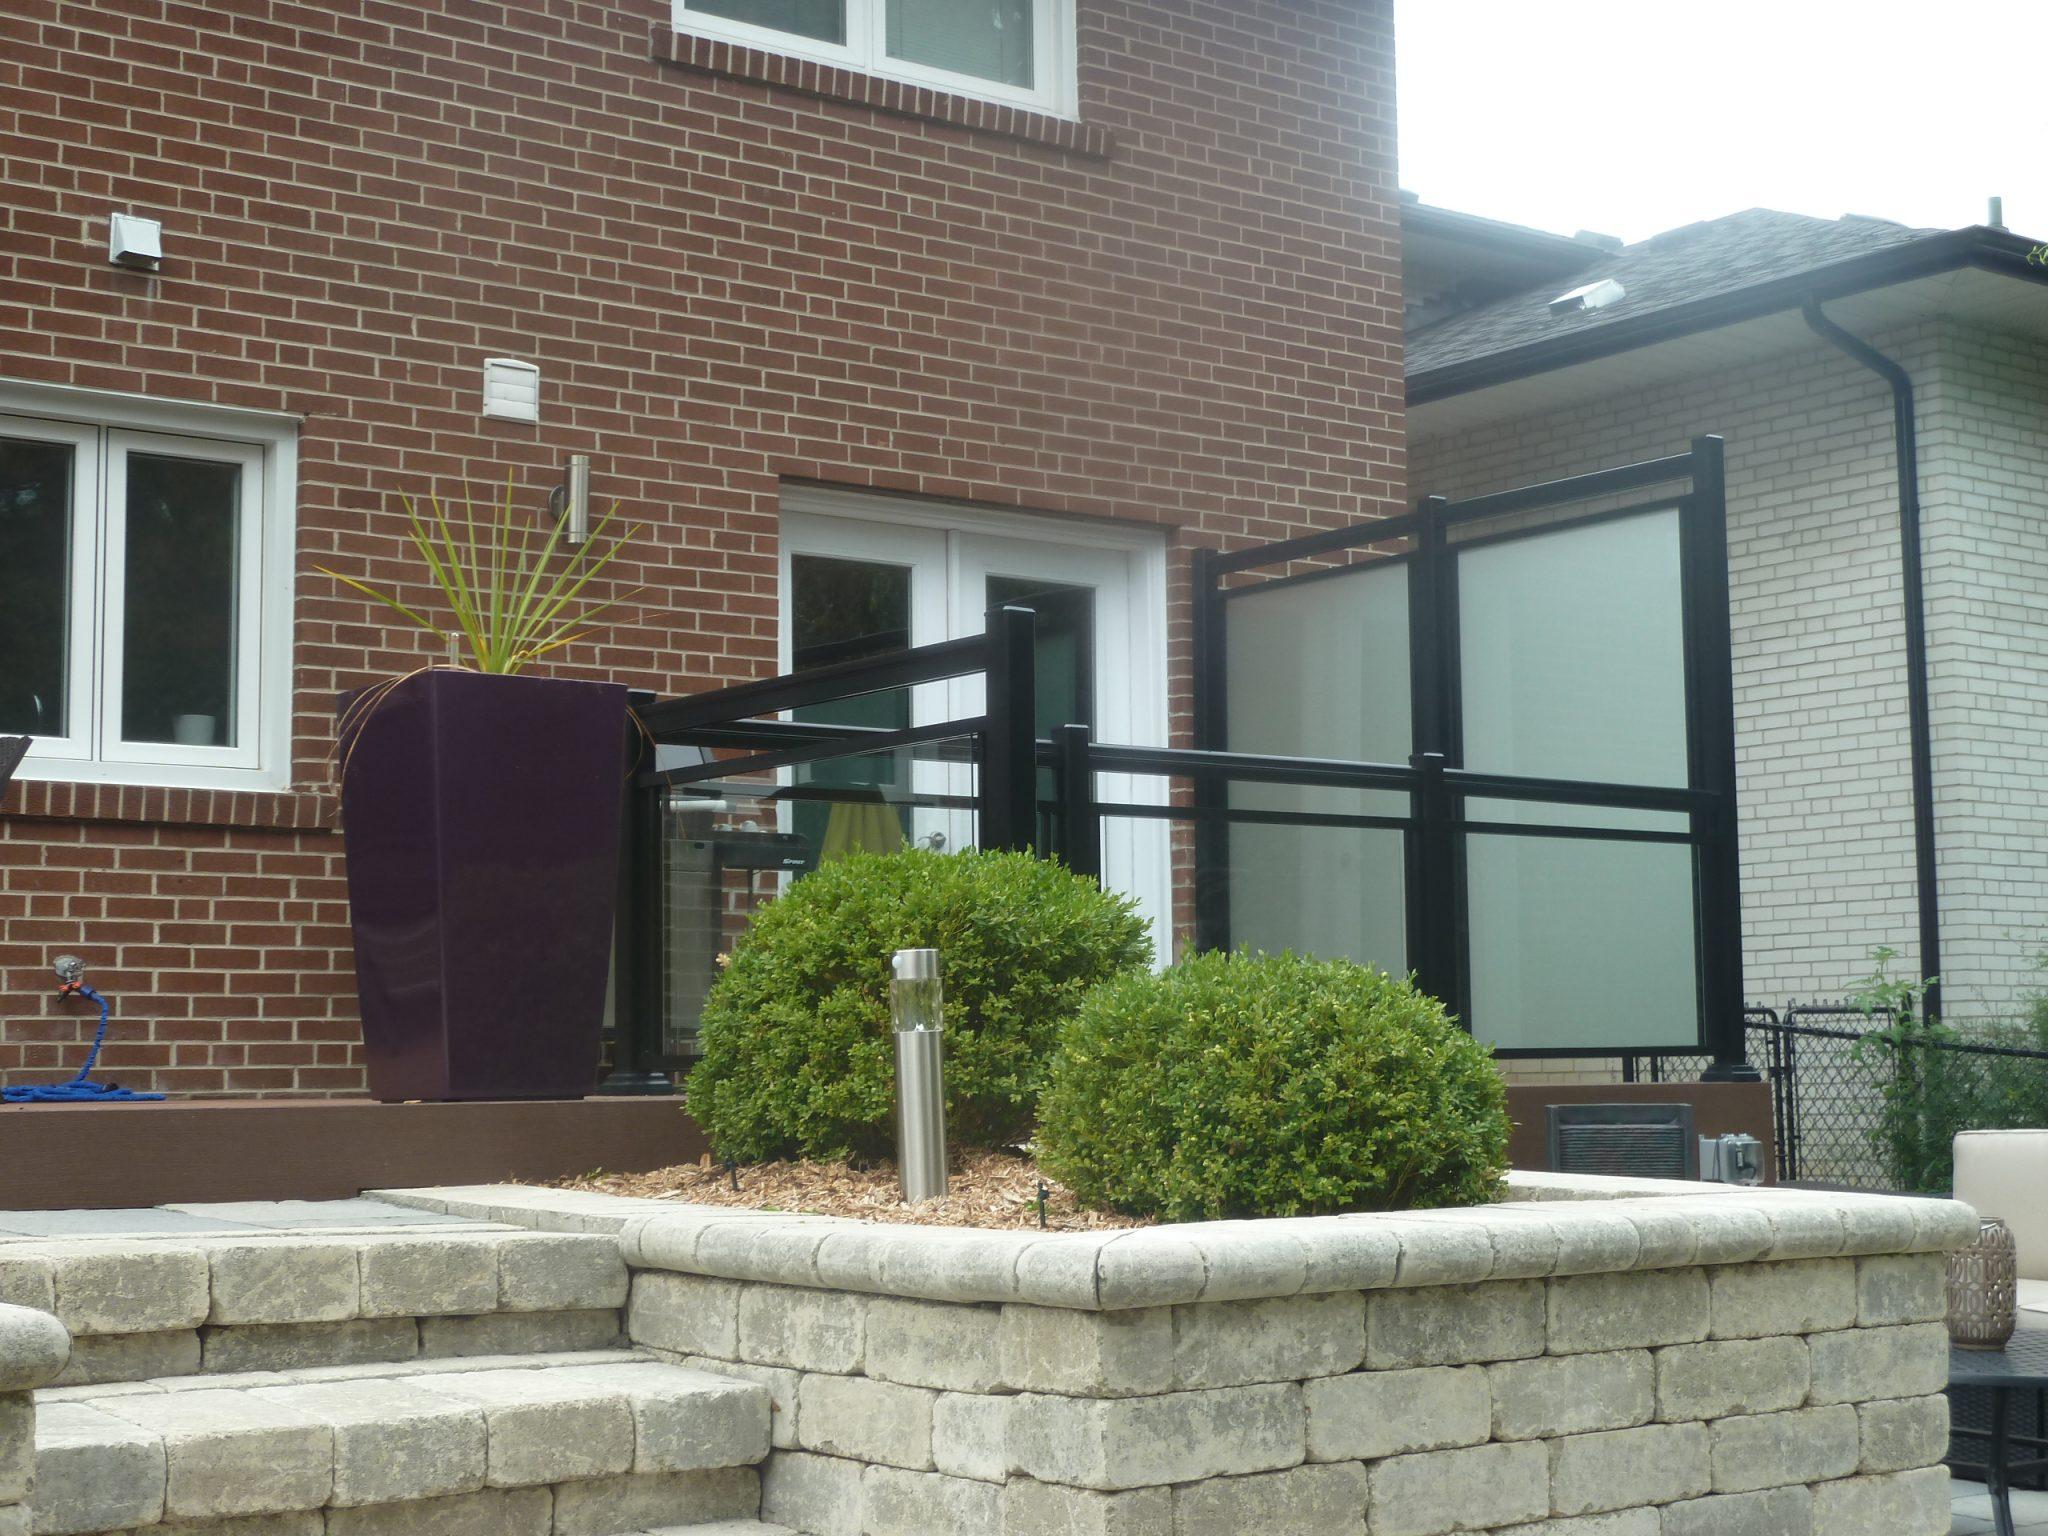 Glass railings to widen backyard patio